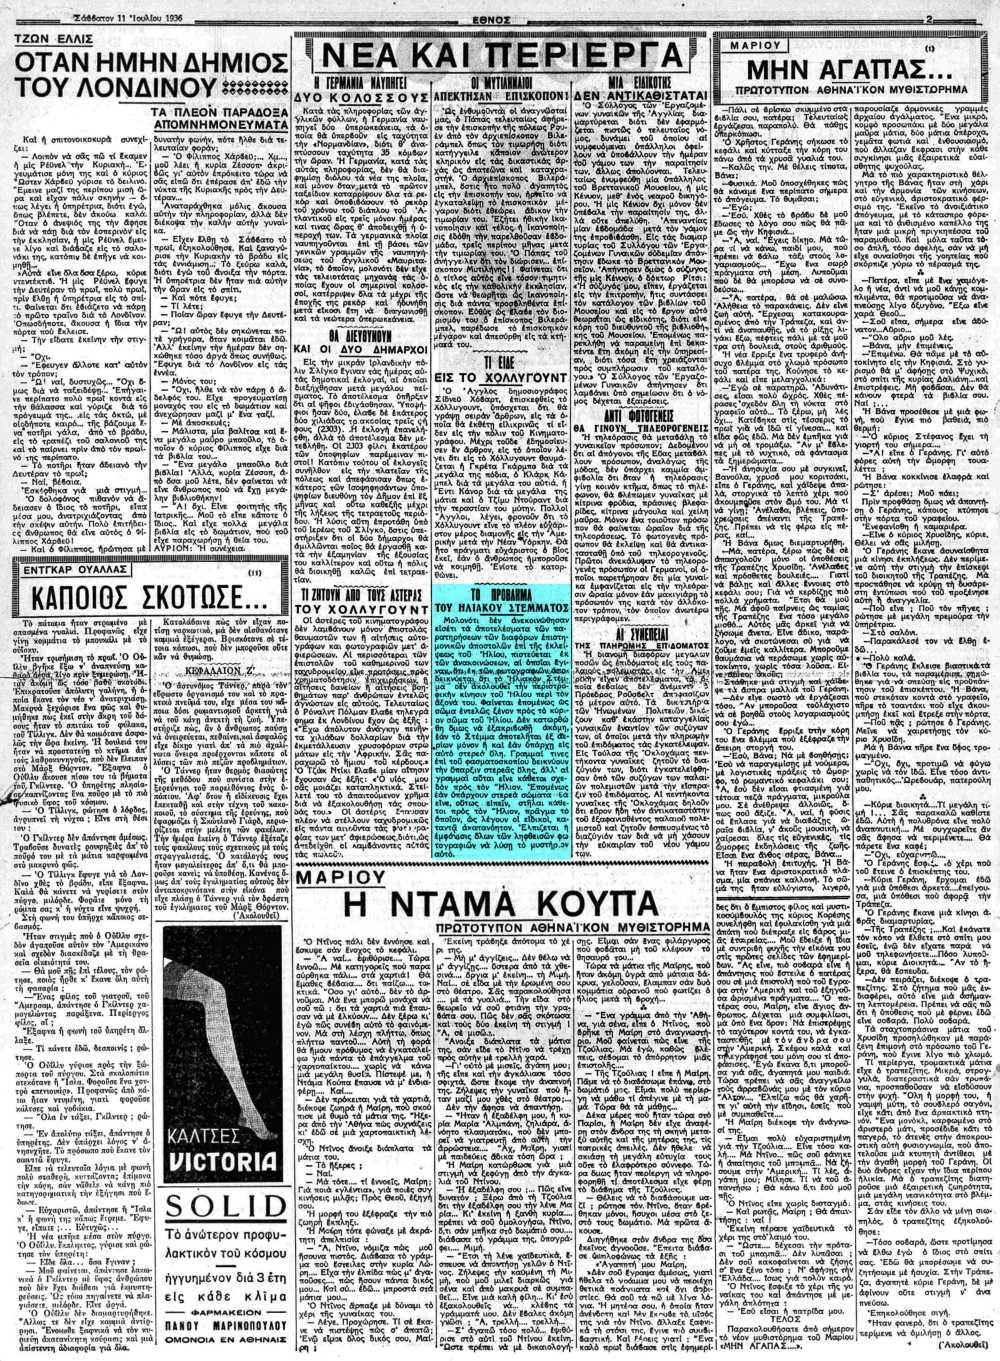 """Το άρθρο, όπως δημοσιεύθηκε στην εφημερίδα """"ΕΘΝΟΣ"""", στις 11/07/1936"""